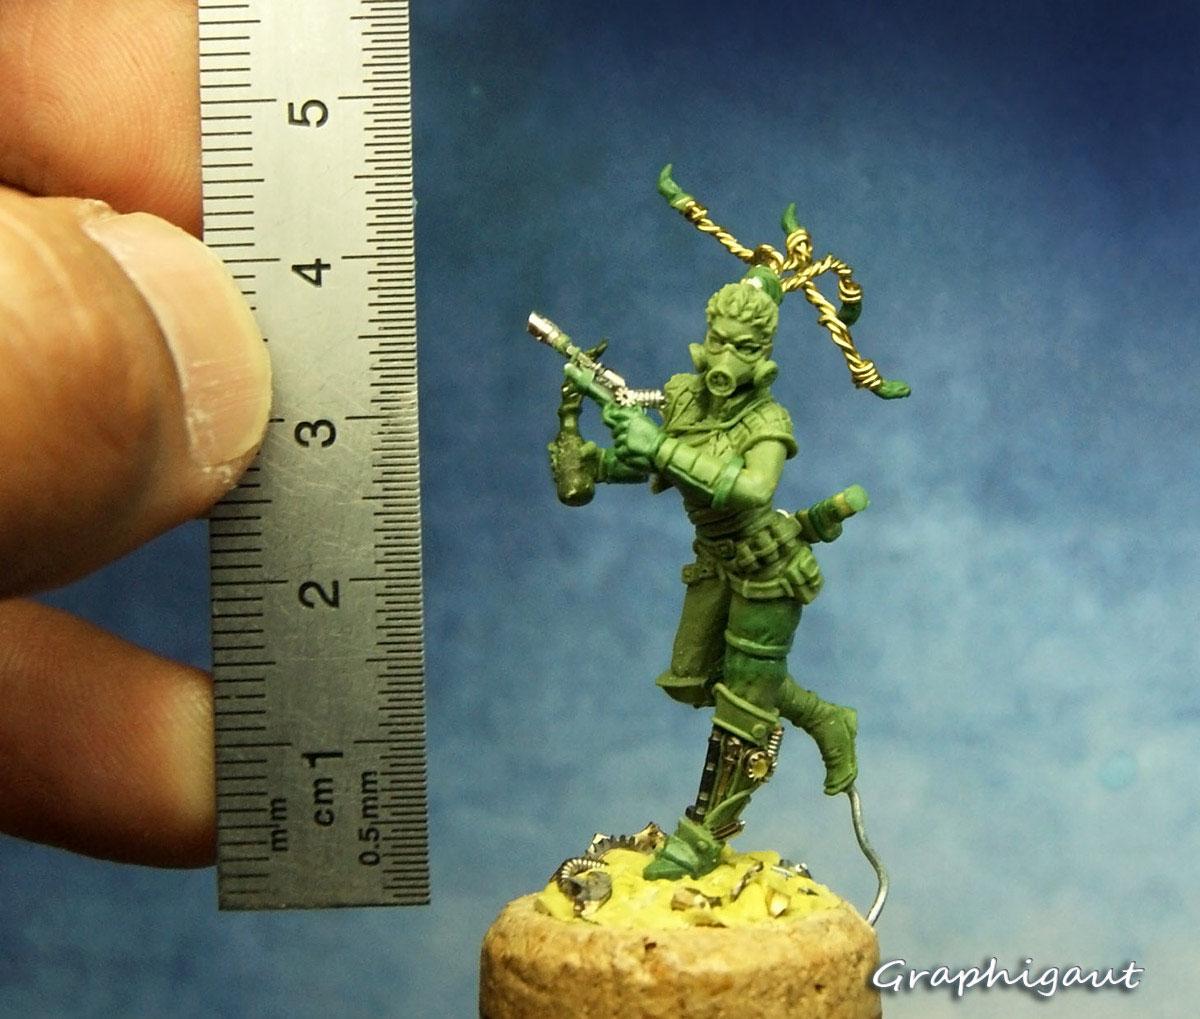 EDEN The Game Graphigaut Figuriniste Sculpteur Et